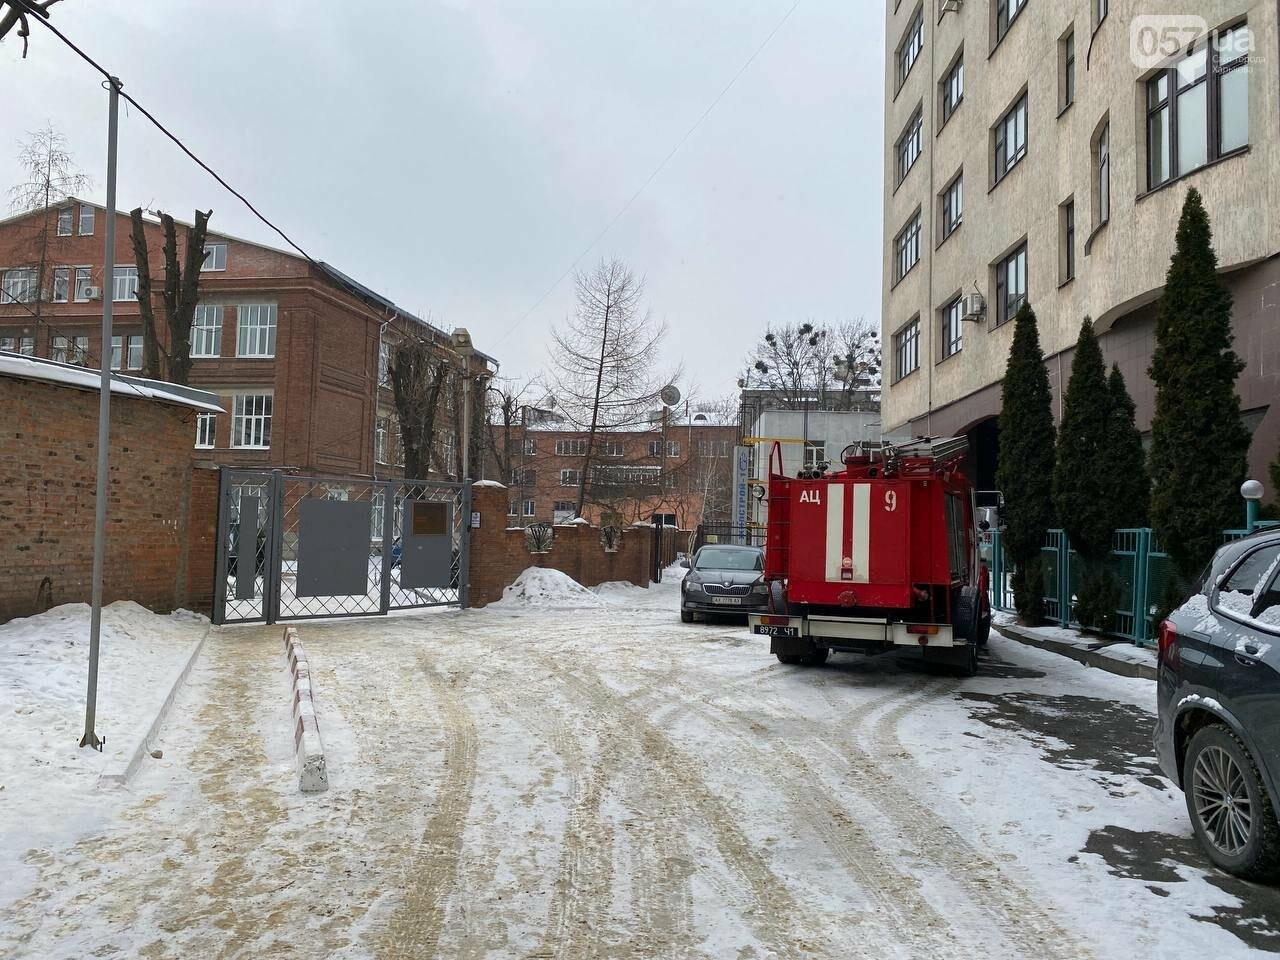 Спецслужбы проверяют информацию по поводу минирования в лицее на улице Ярослава Мудрого, 22